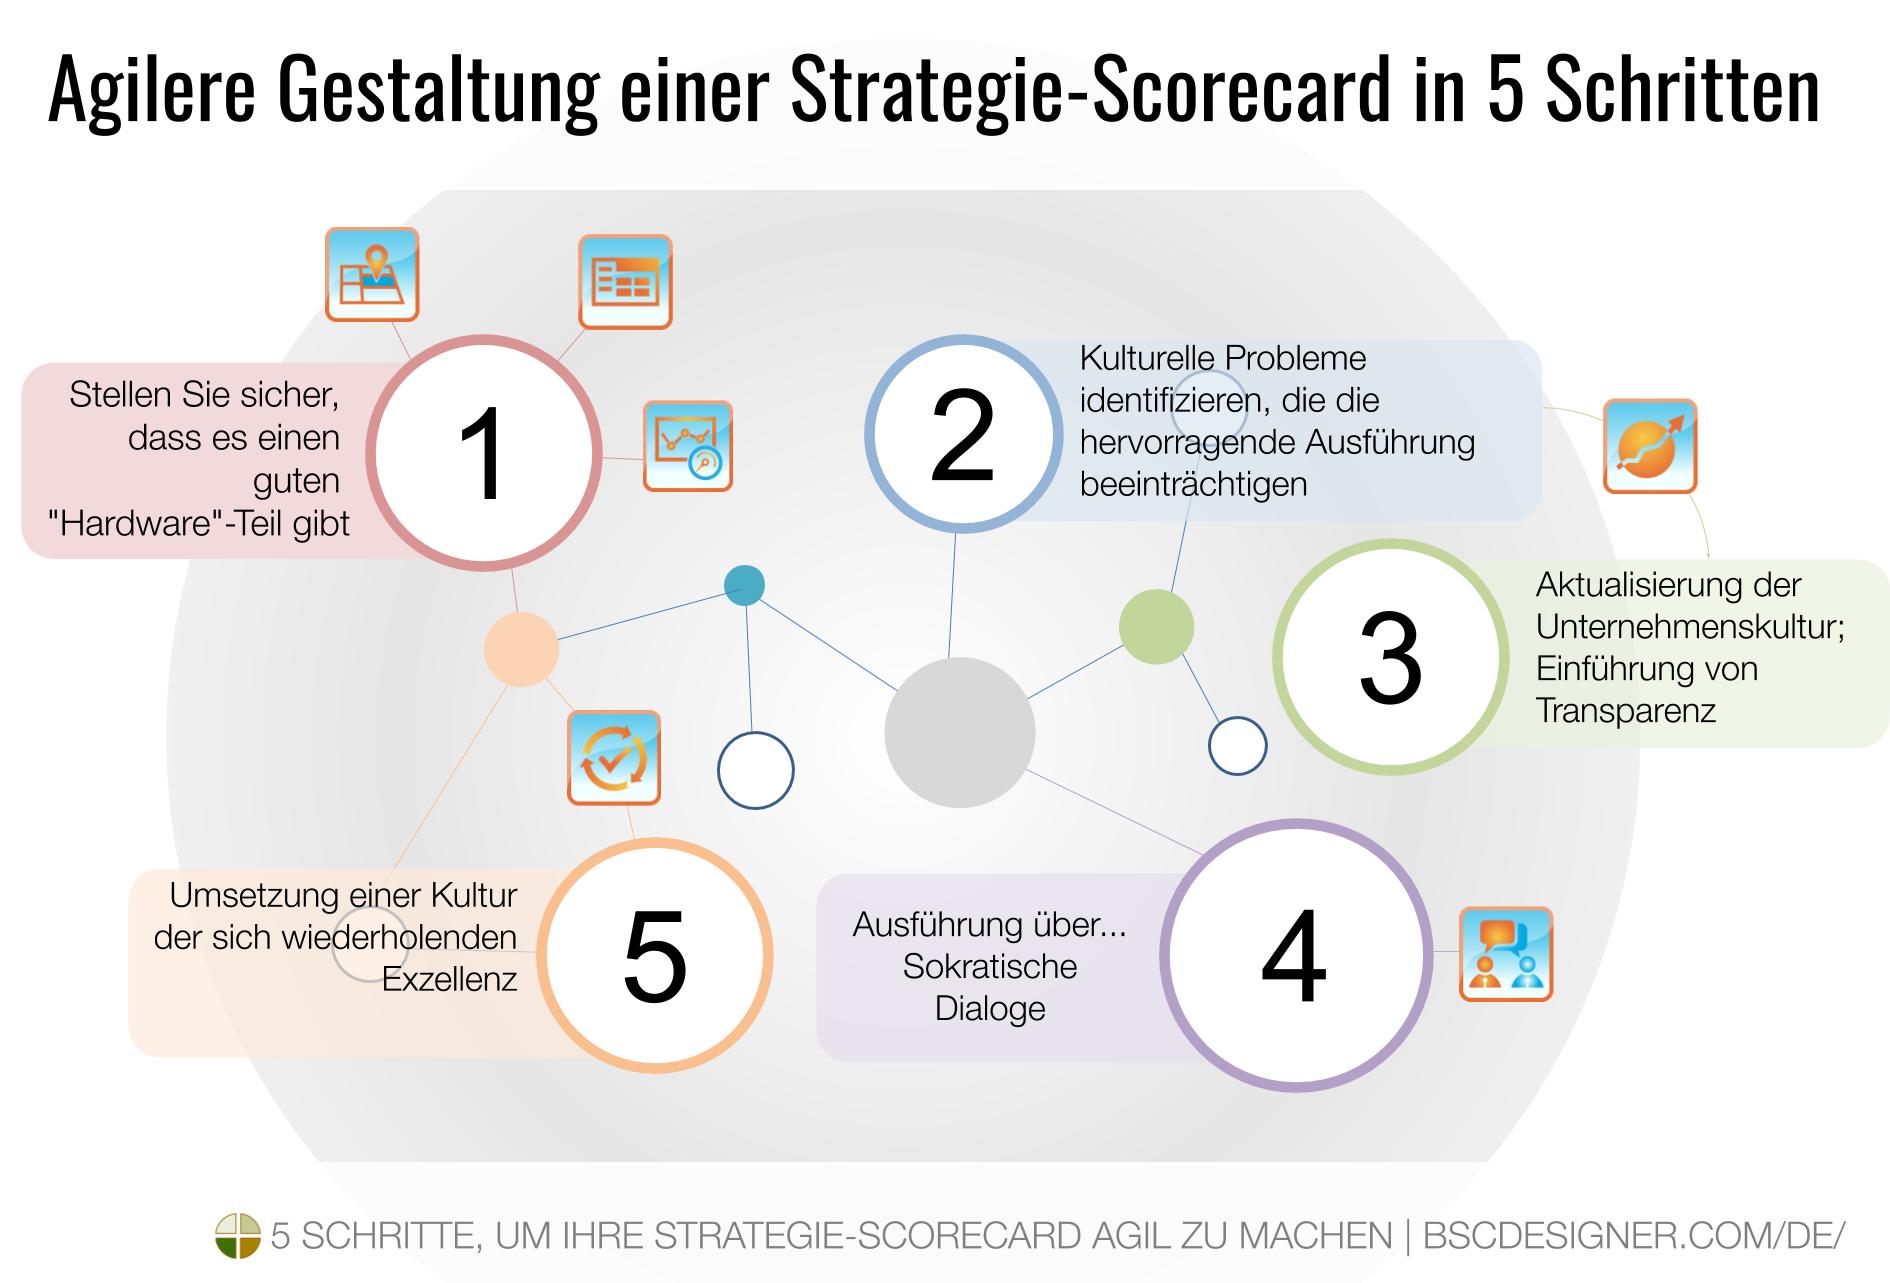 Eine Strategie-Scorecard in 5 Schritten agiler machen